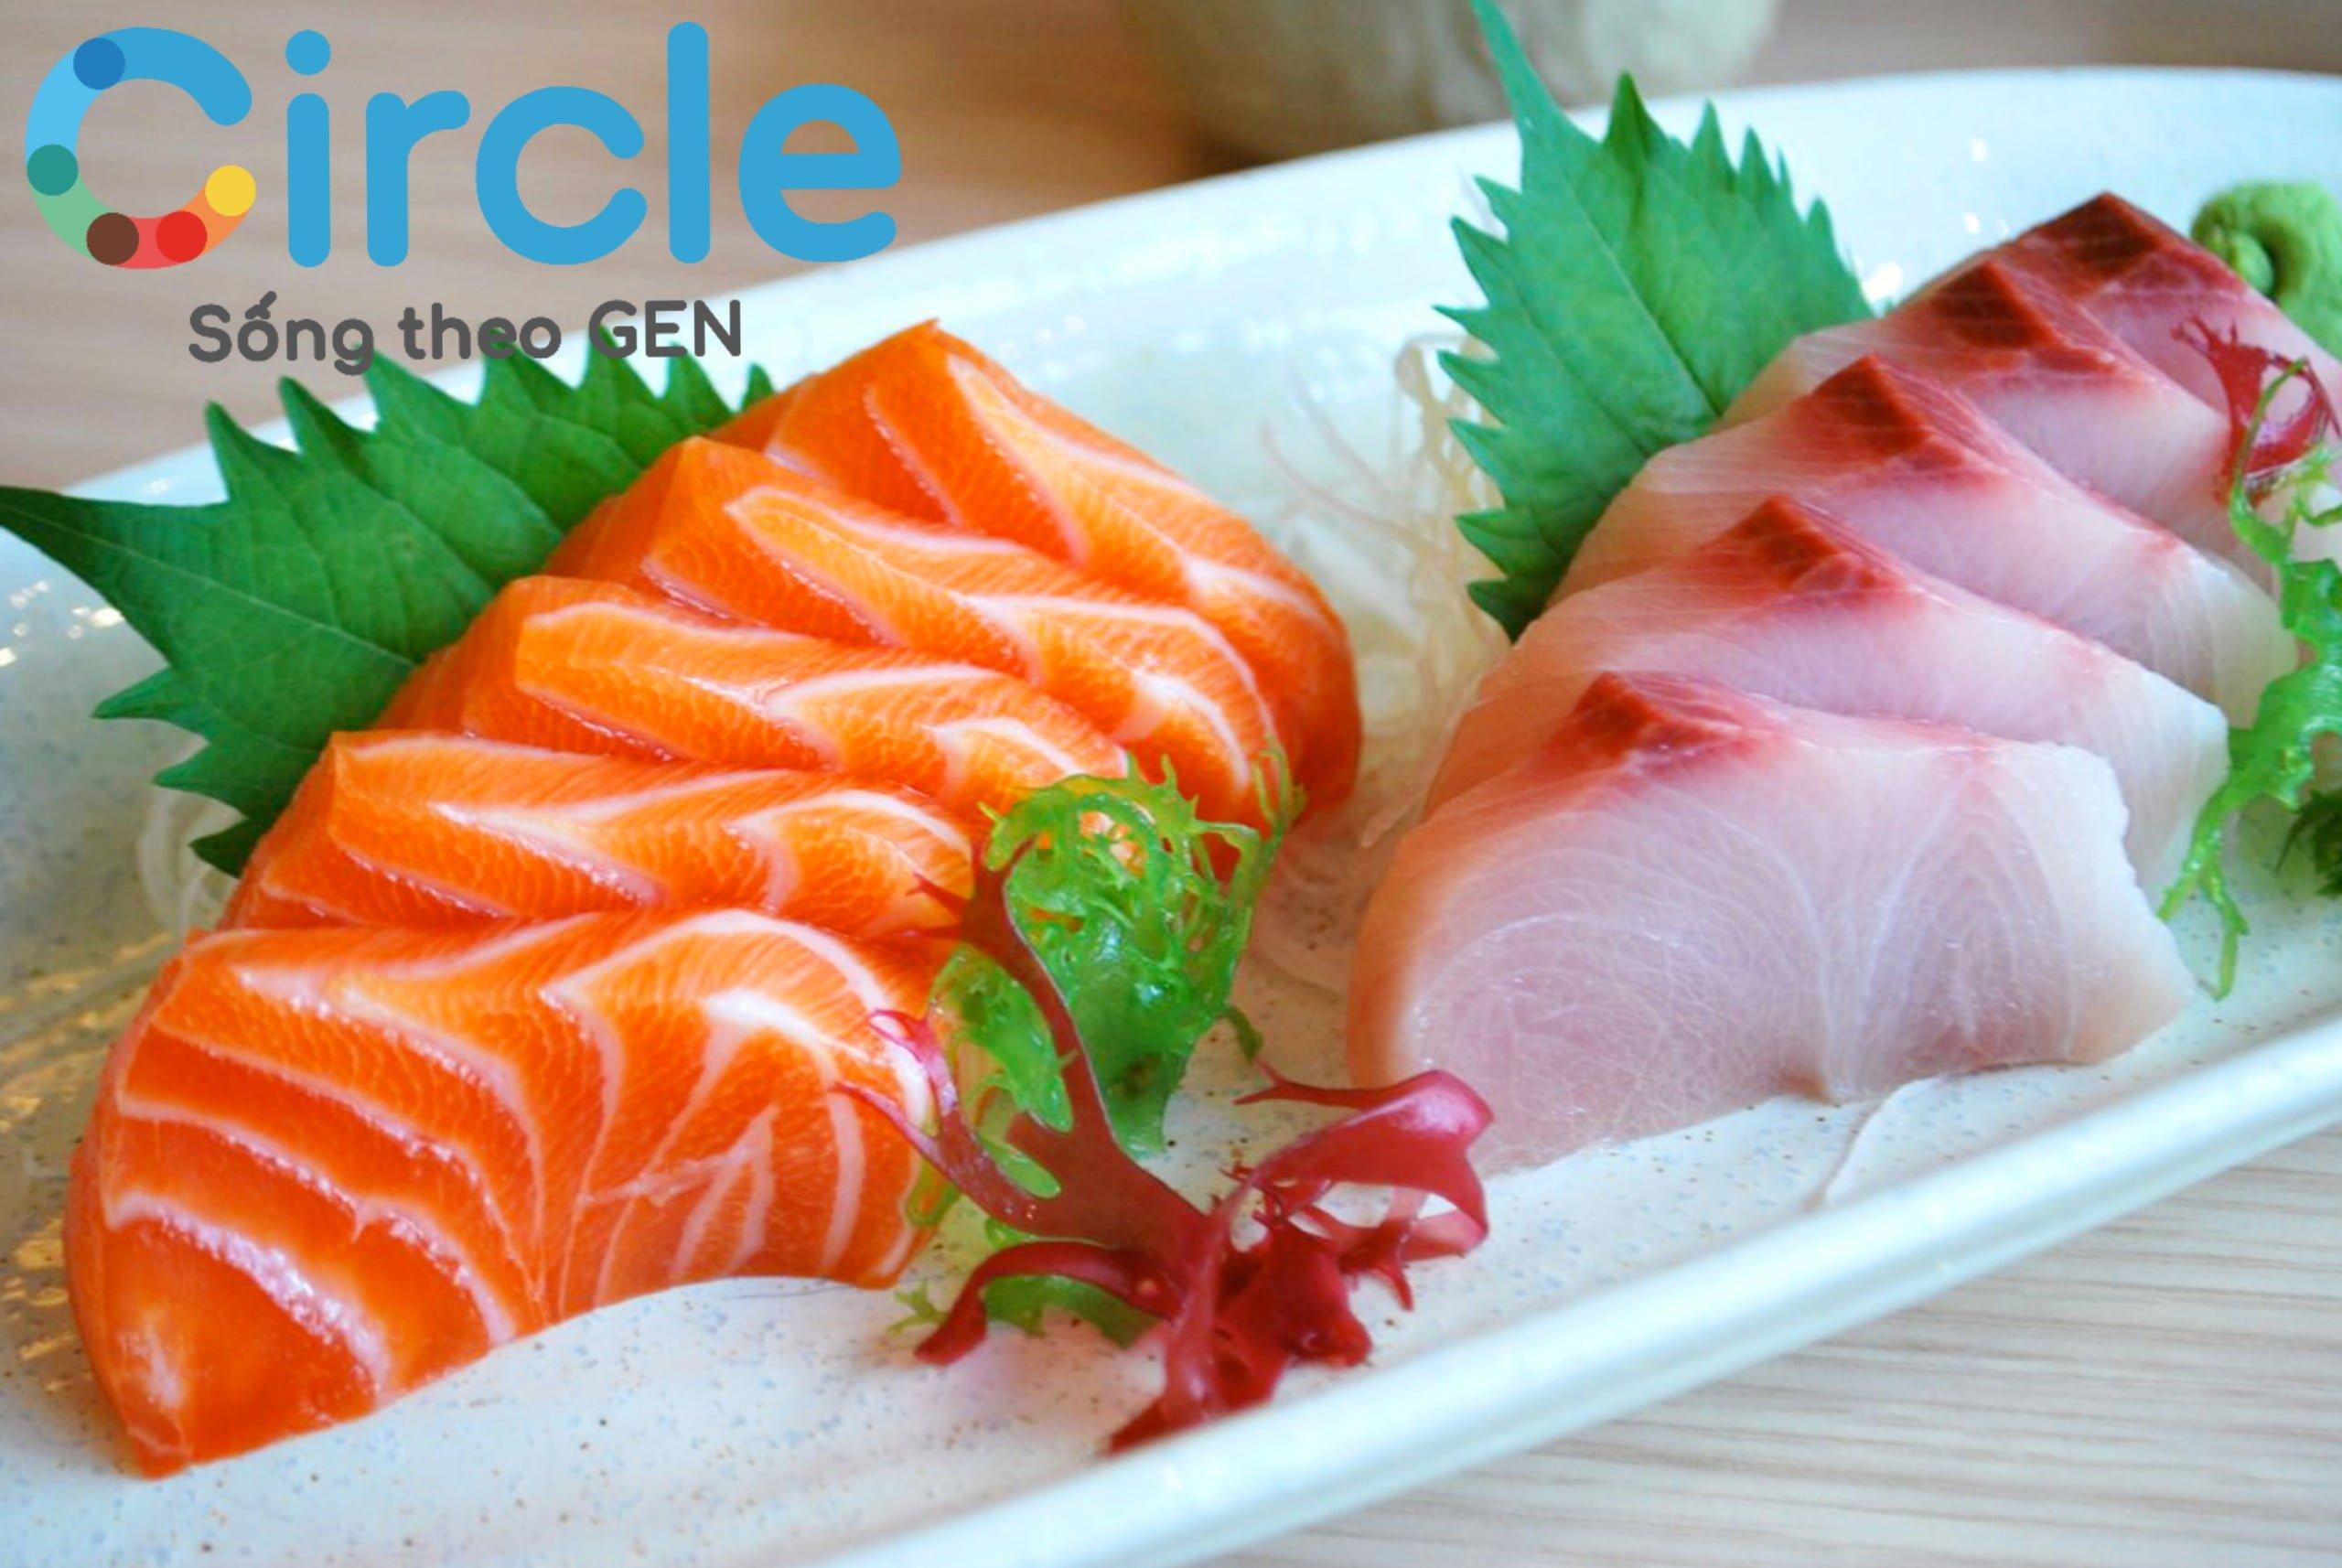 Cá cung cấp nguồn dinh dưỡng tuyệt vời, thực phẩm đứng top đầu trong chế độ ăn dinh dưỡng cho trẻ 8 tháng tuổi.